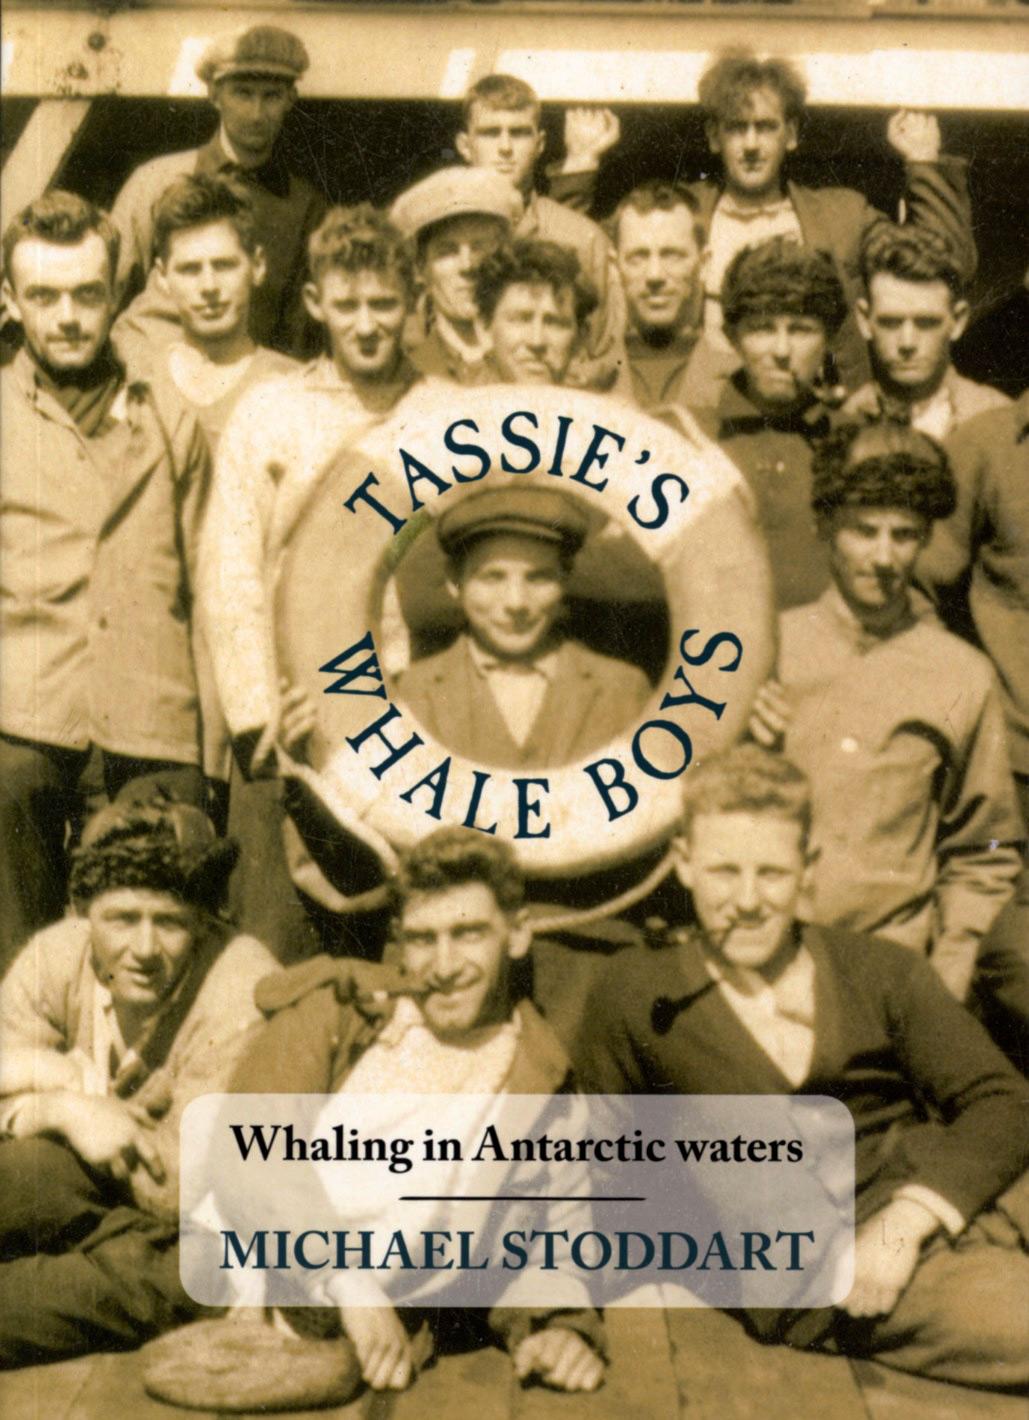 Tassie's Whale Boys